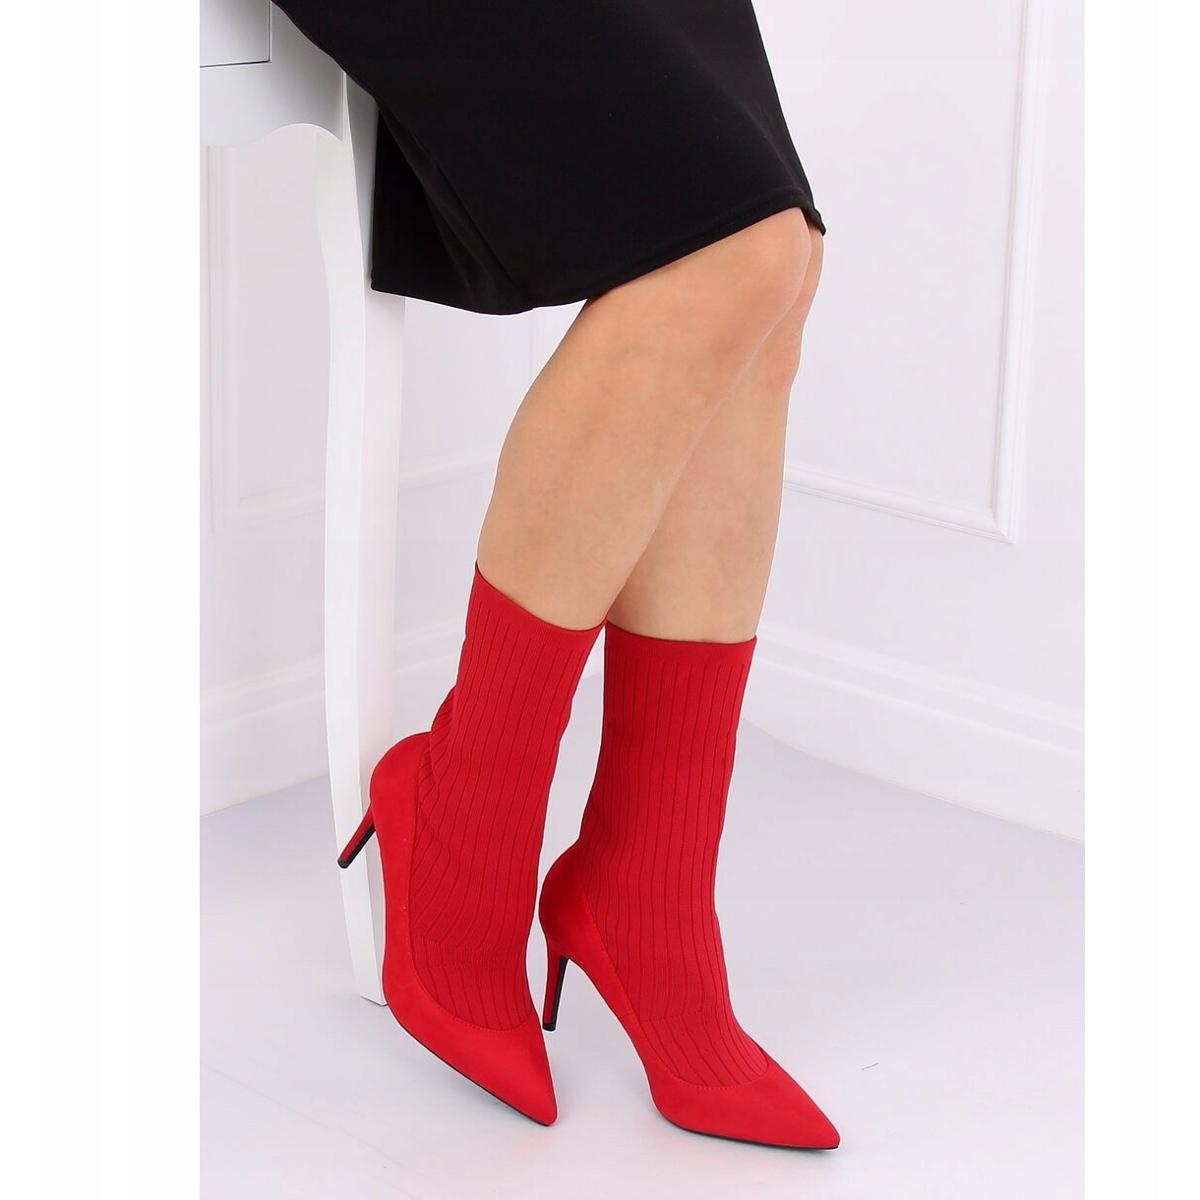 Détails sur Bottes rouges avec une chaussette supérieure T5033 rouge